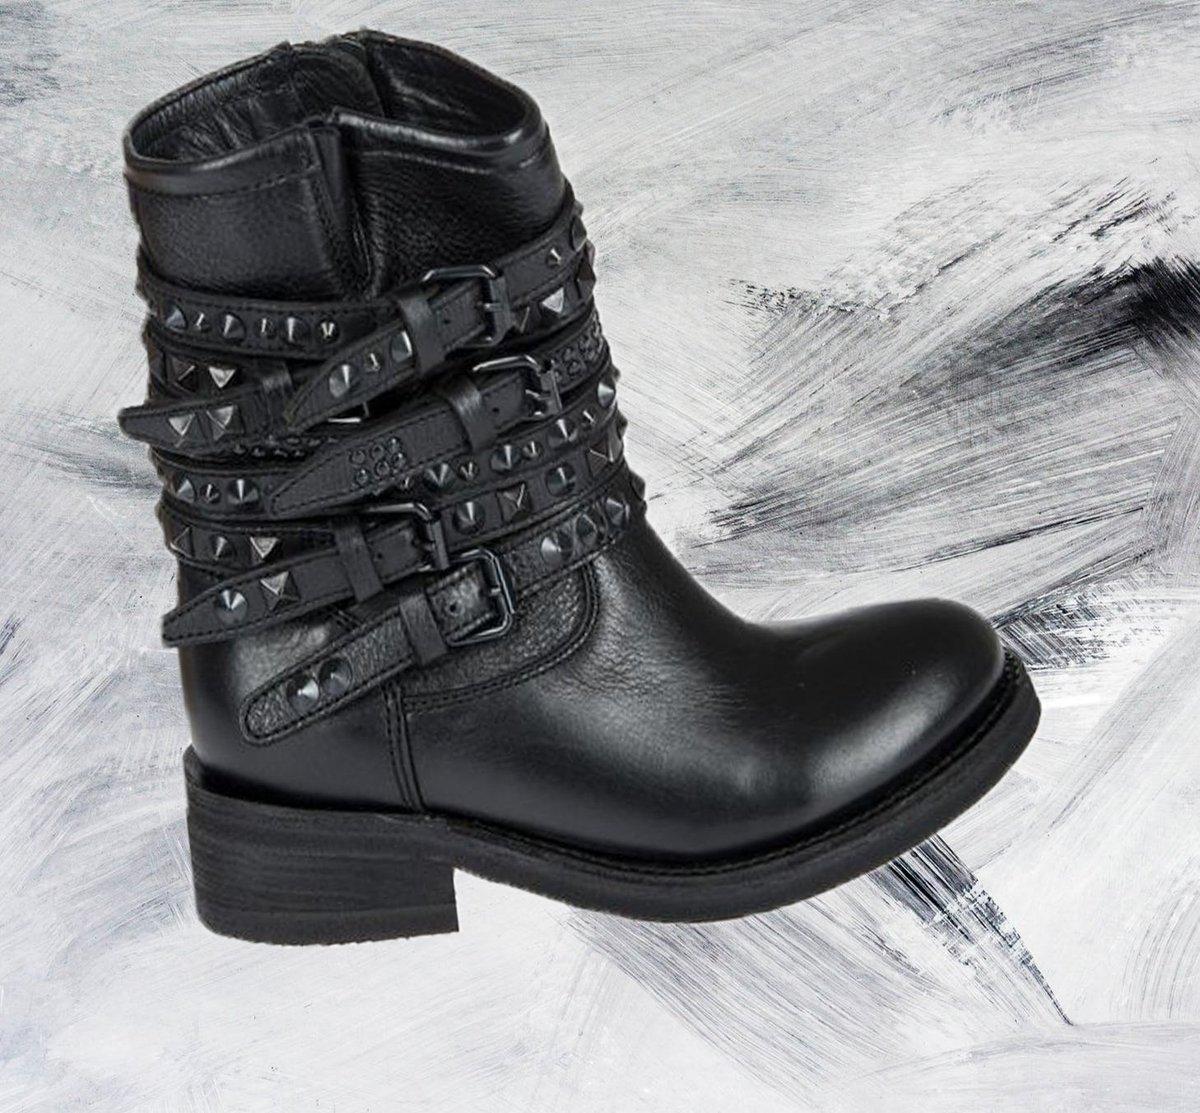 e6e24dec7a0 Ash Footwear UK on Twitter